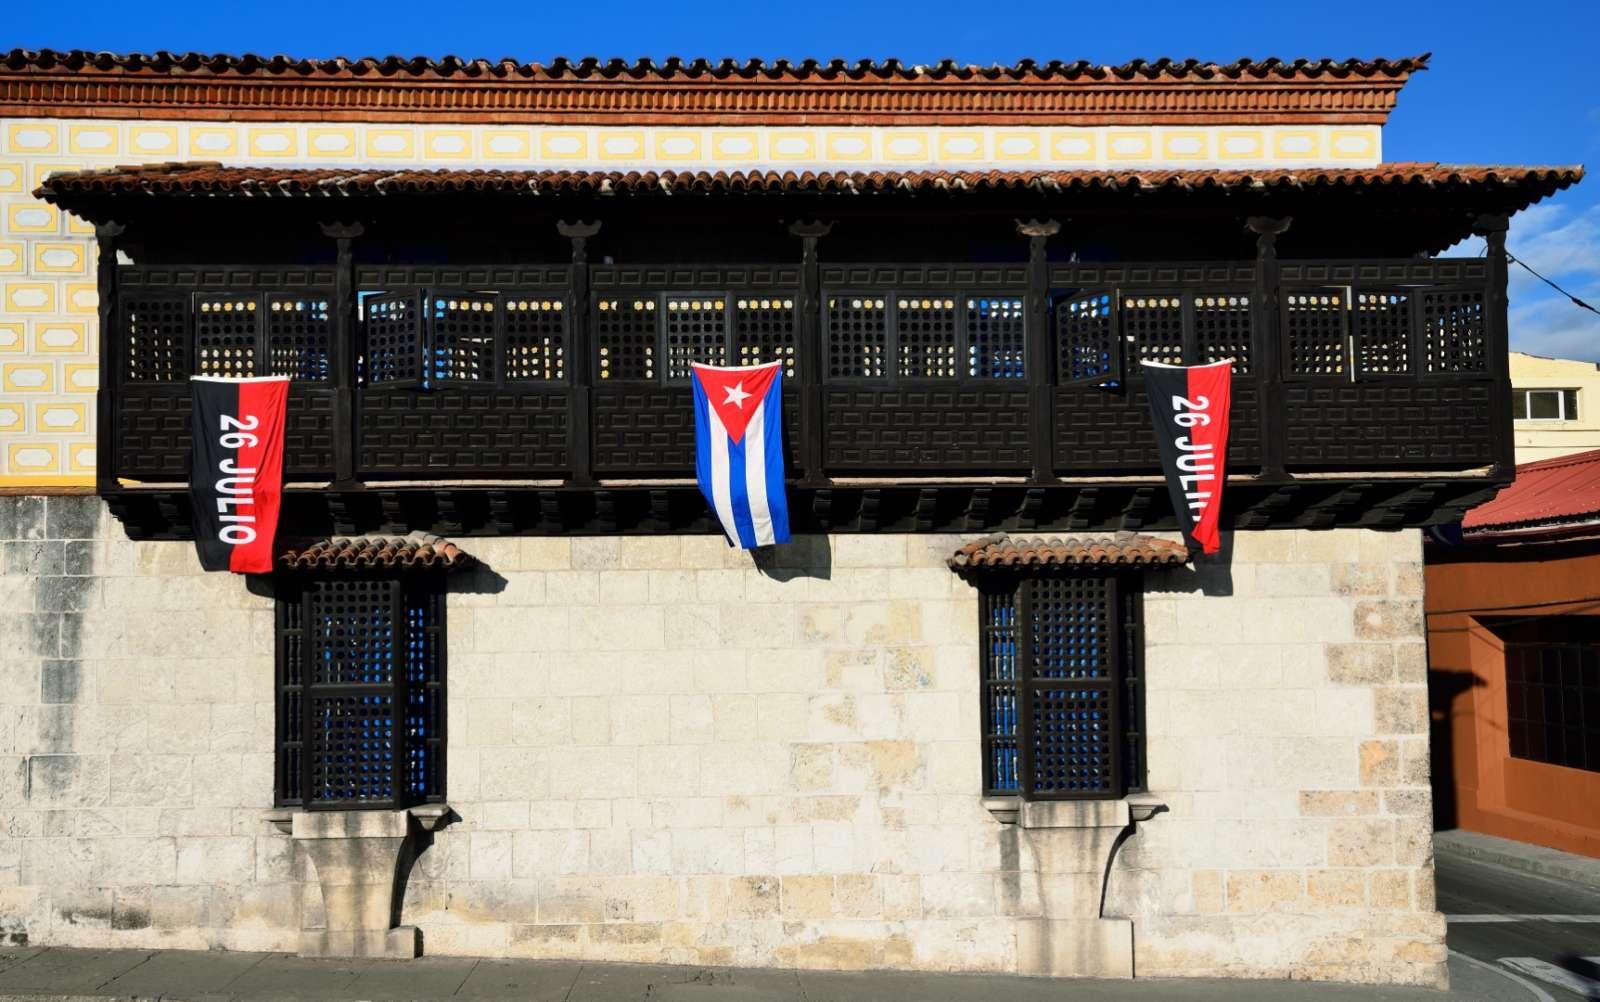 Flags on colonial building in Santiago de Cuba